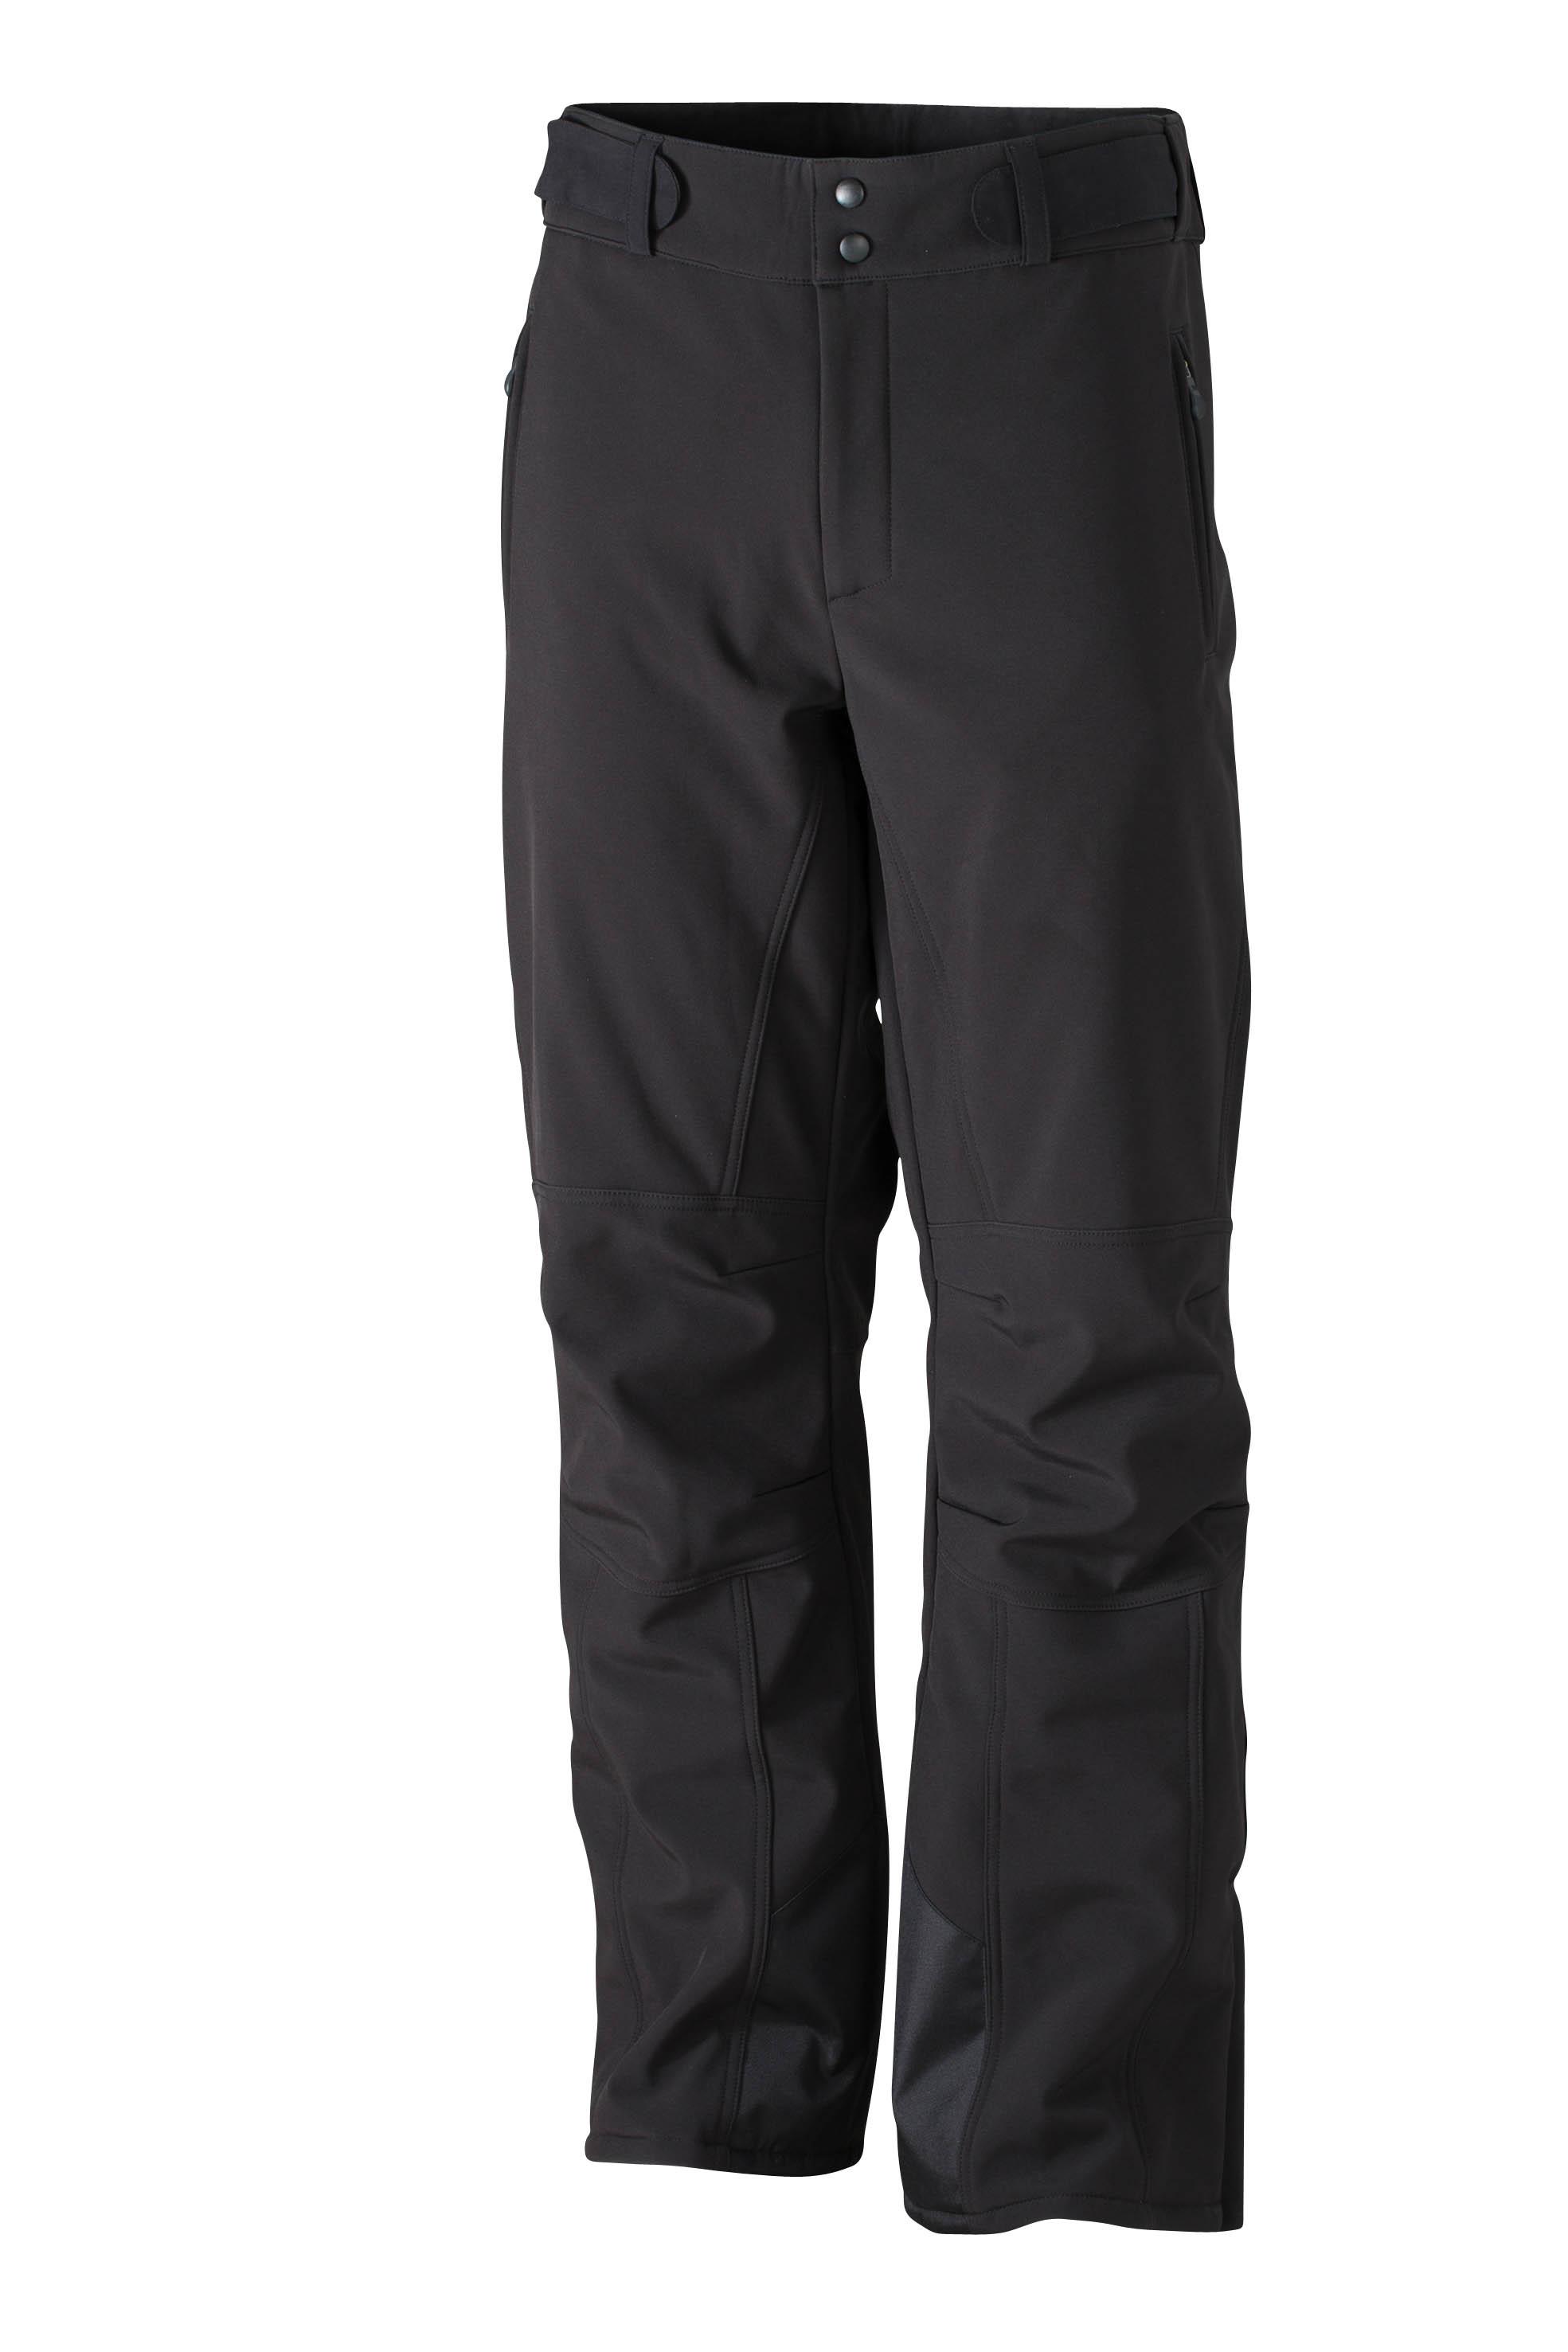 James & Nicholson Pánské zimní sportovní kalhoty James & Nicholson JN1052 Černá S